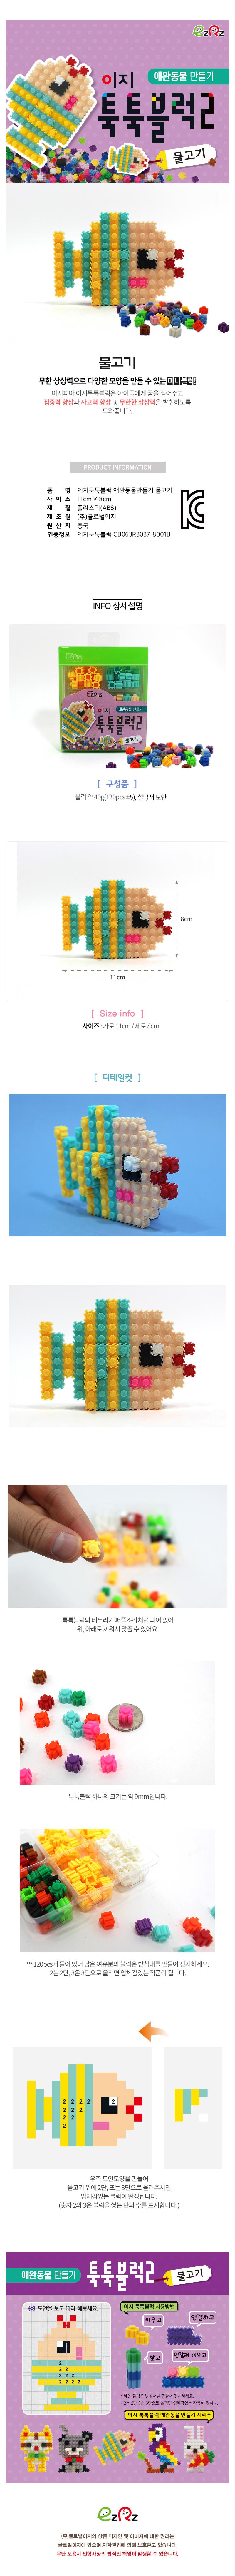 이지 툭툭블럭만들기 (물고기)1,770원-이지피아키덜트/취미, 블록/퍼즐, 레고/블록, 블록완구바보사랑이지 툭툭블럭만들기 (물고기)1,770원-이지피아키덜트/취미, 블록/퍼즐, 레고/블록, 블록완구바보사랑